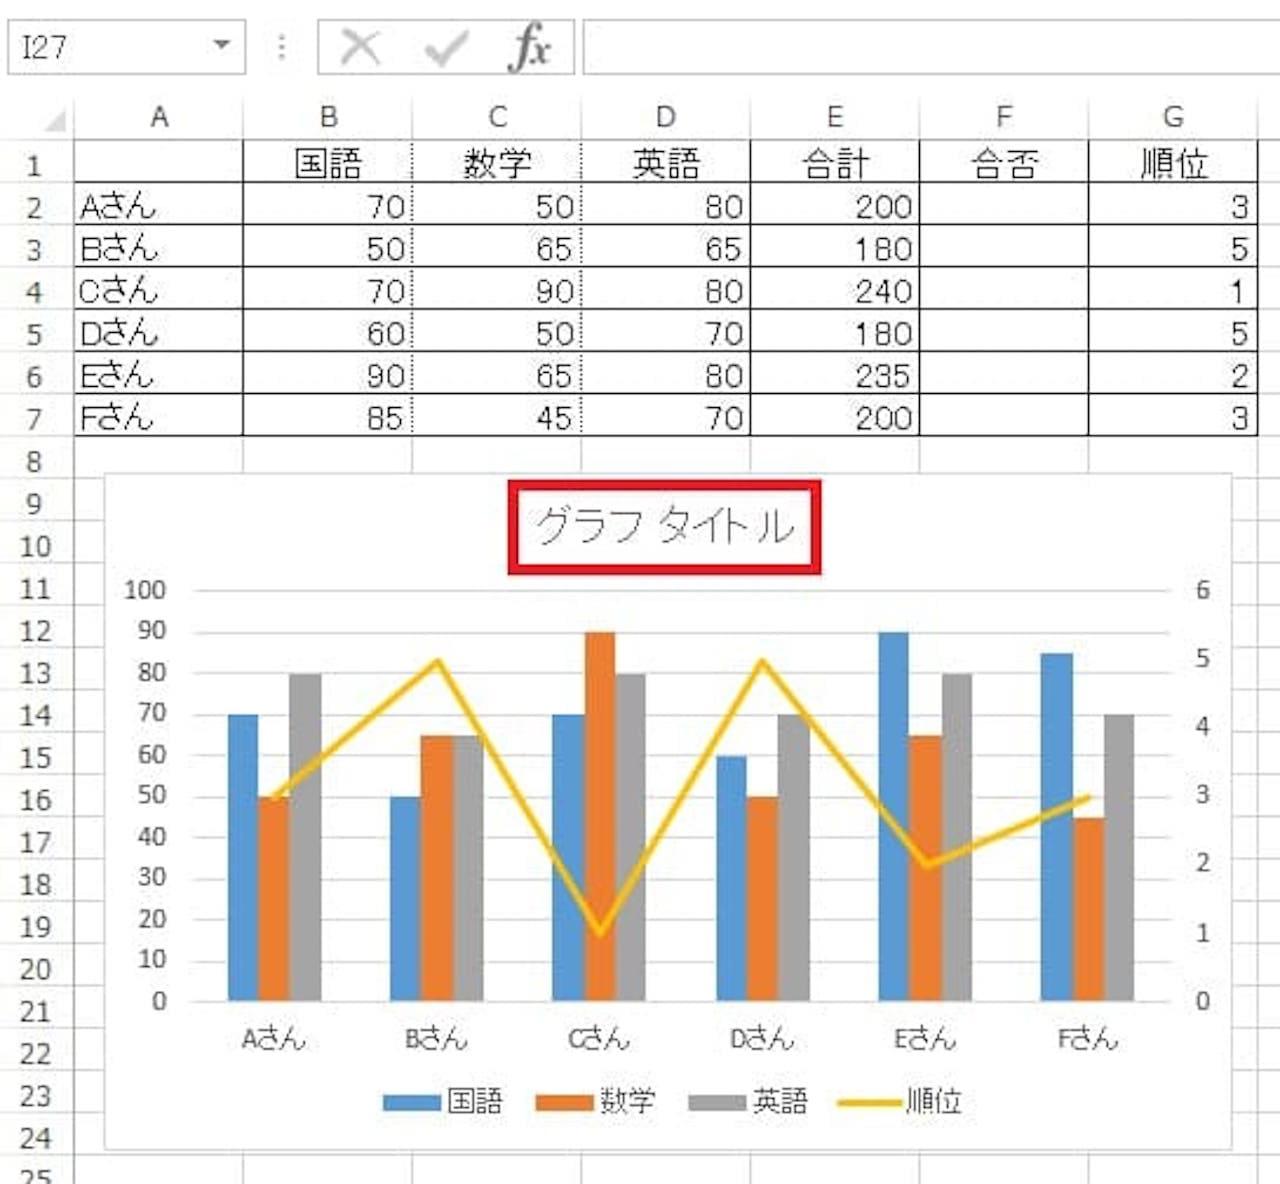 棒グラフと折れ線グラフを重ねる複合グラフの作り方と第2軸の設定方法⑬